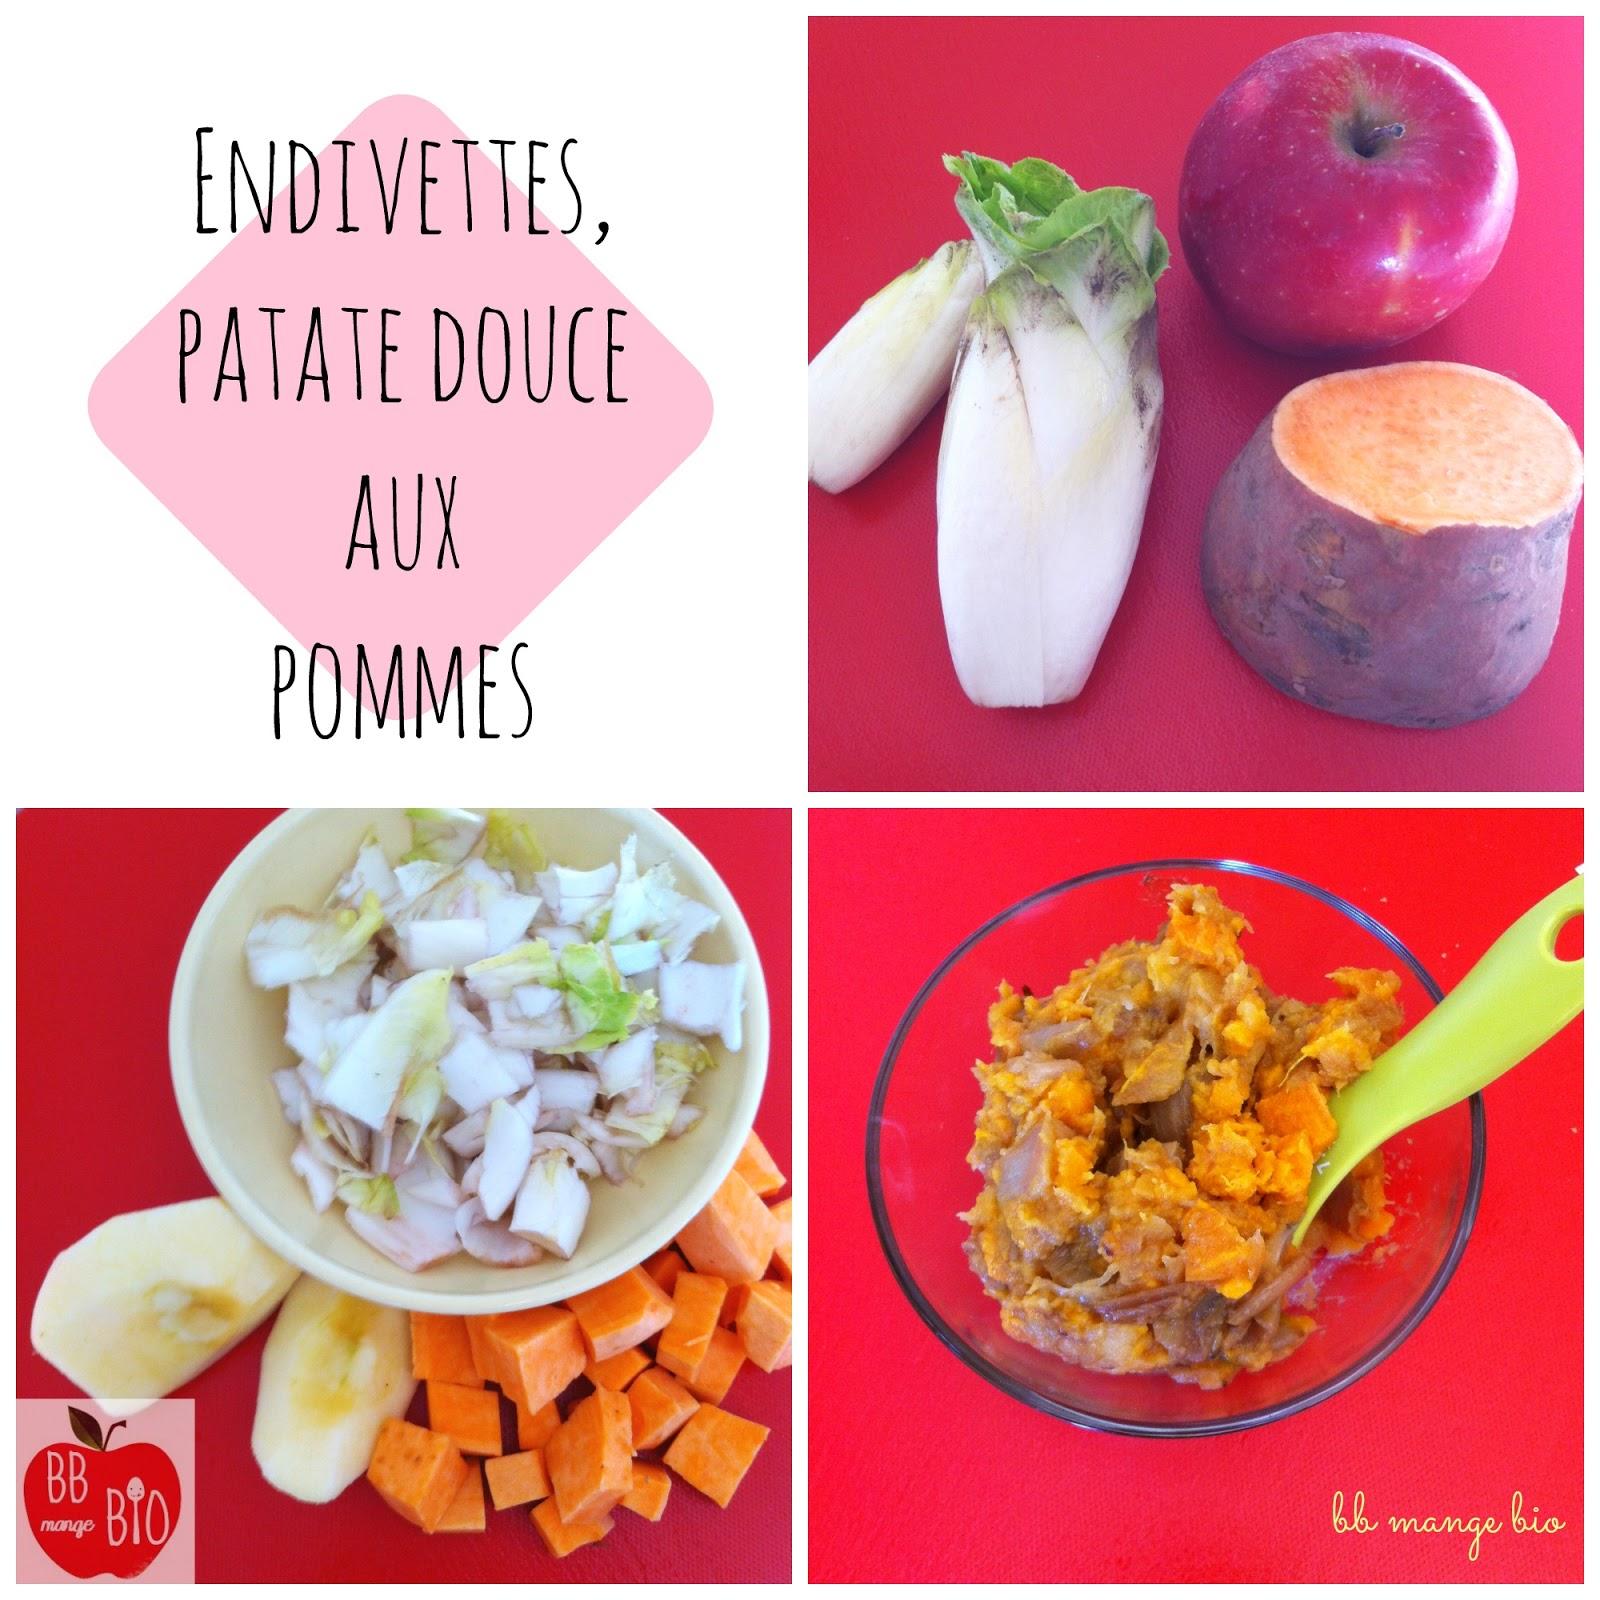 endives pour les bébés avec patate douce et pomme recette bio à partir de 6 mois